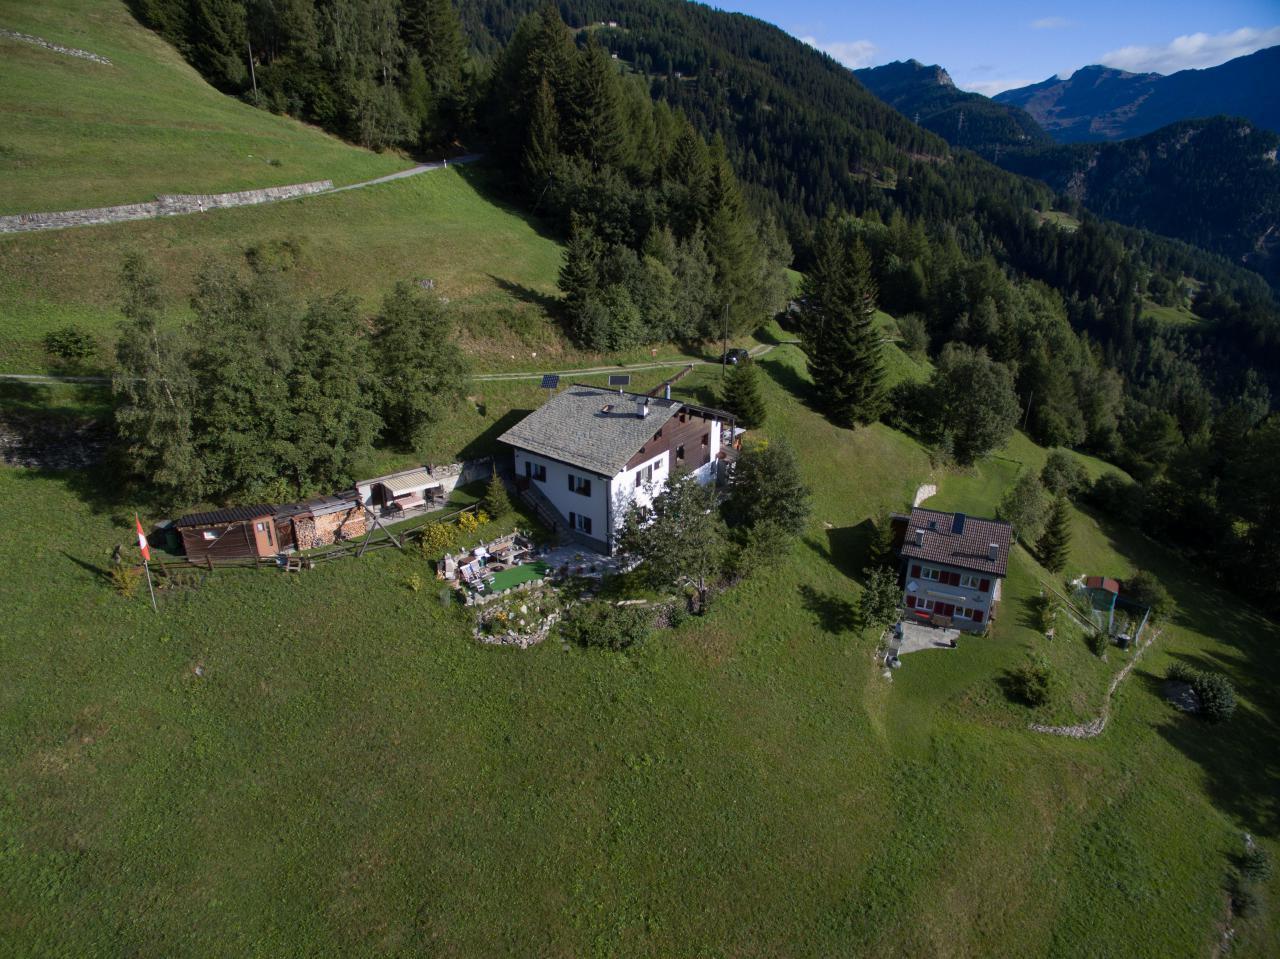 Appartement de vacances Alpe Monte Massella (334453), Poschiavo, Vallée de Poschiavo, Grisons, Suisse, image 23